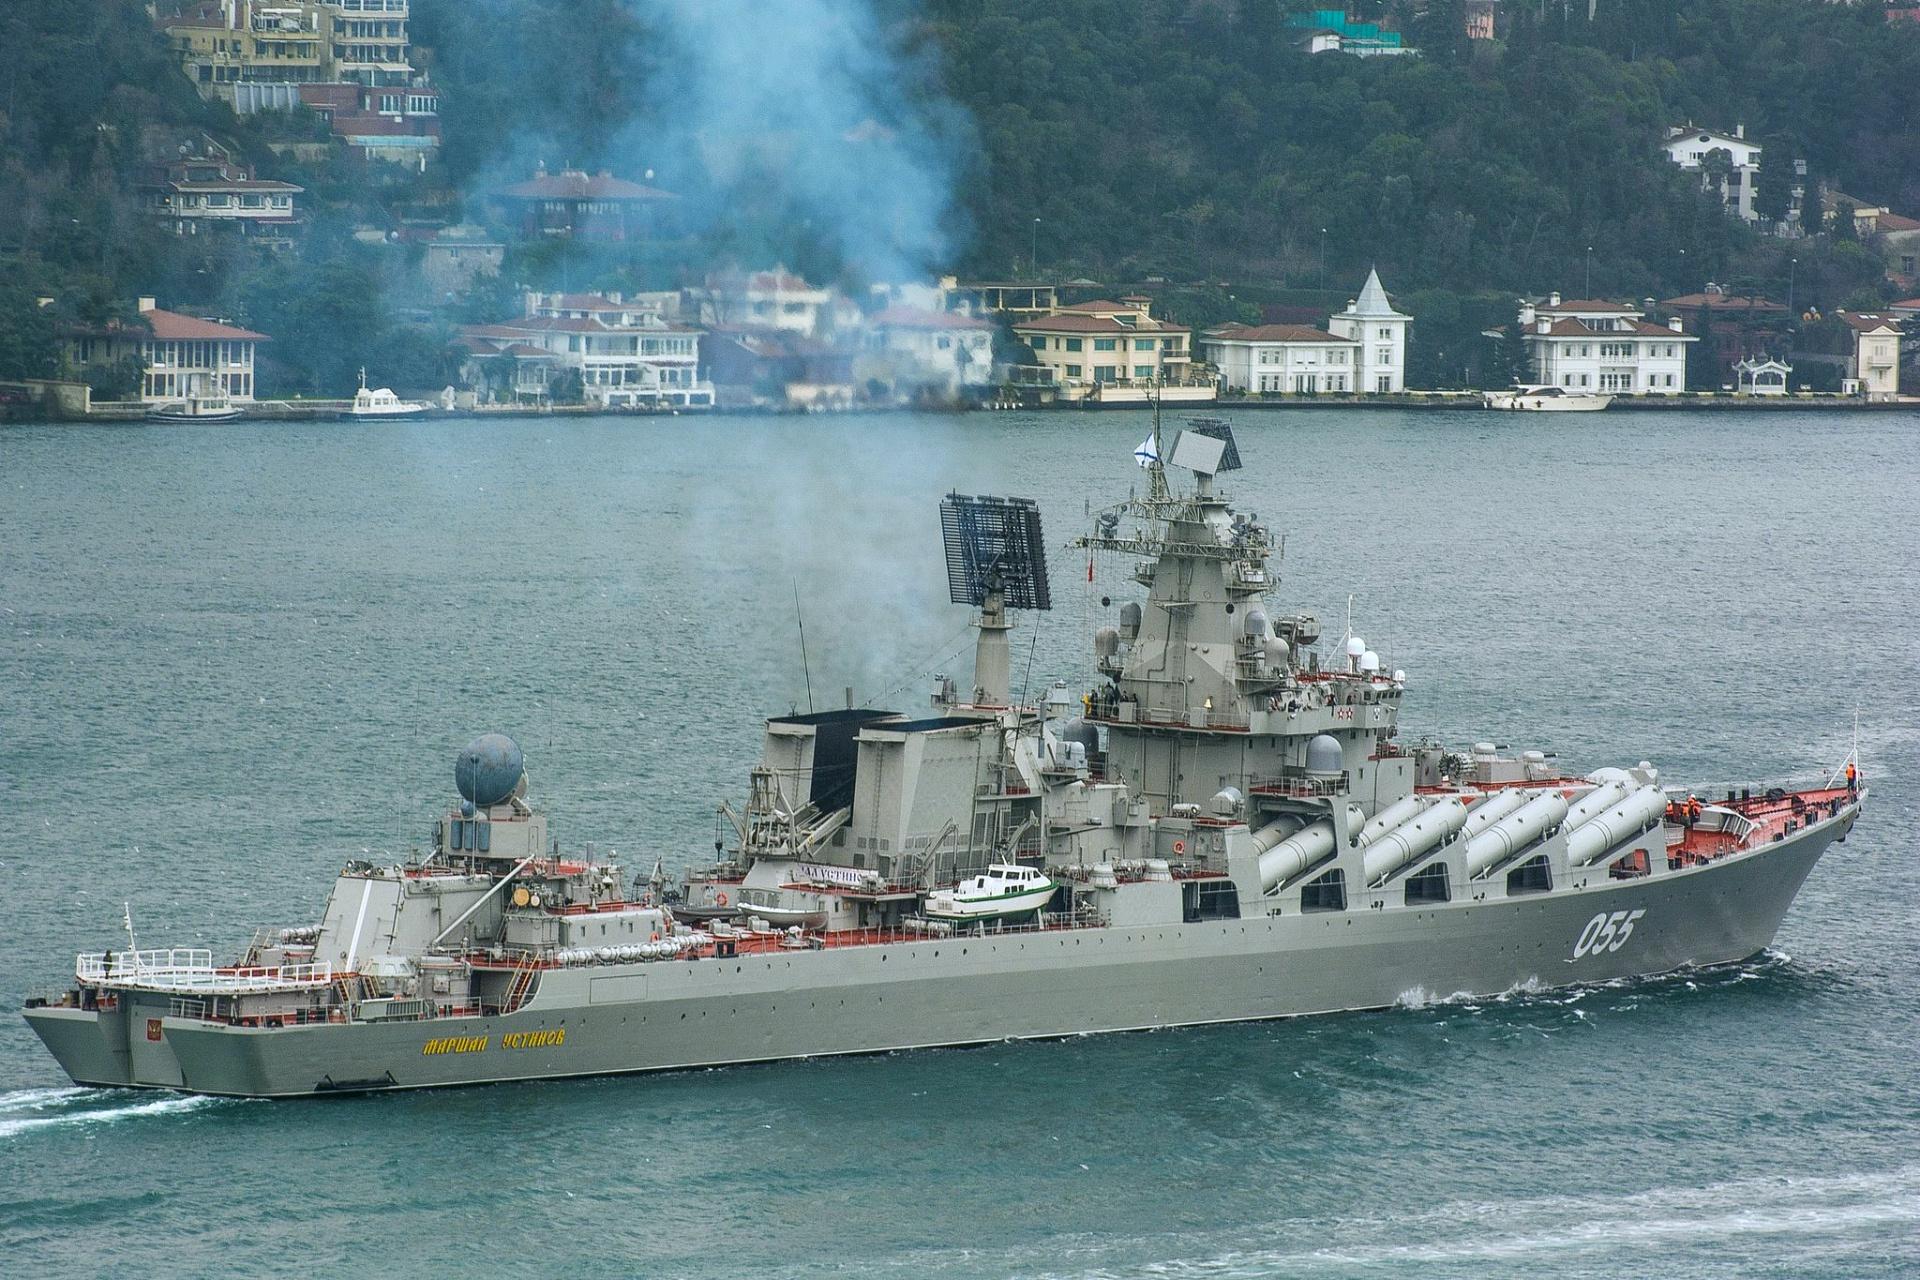 можно использовать крейсеры российского флота обсуждает